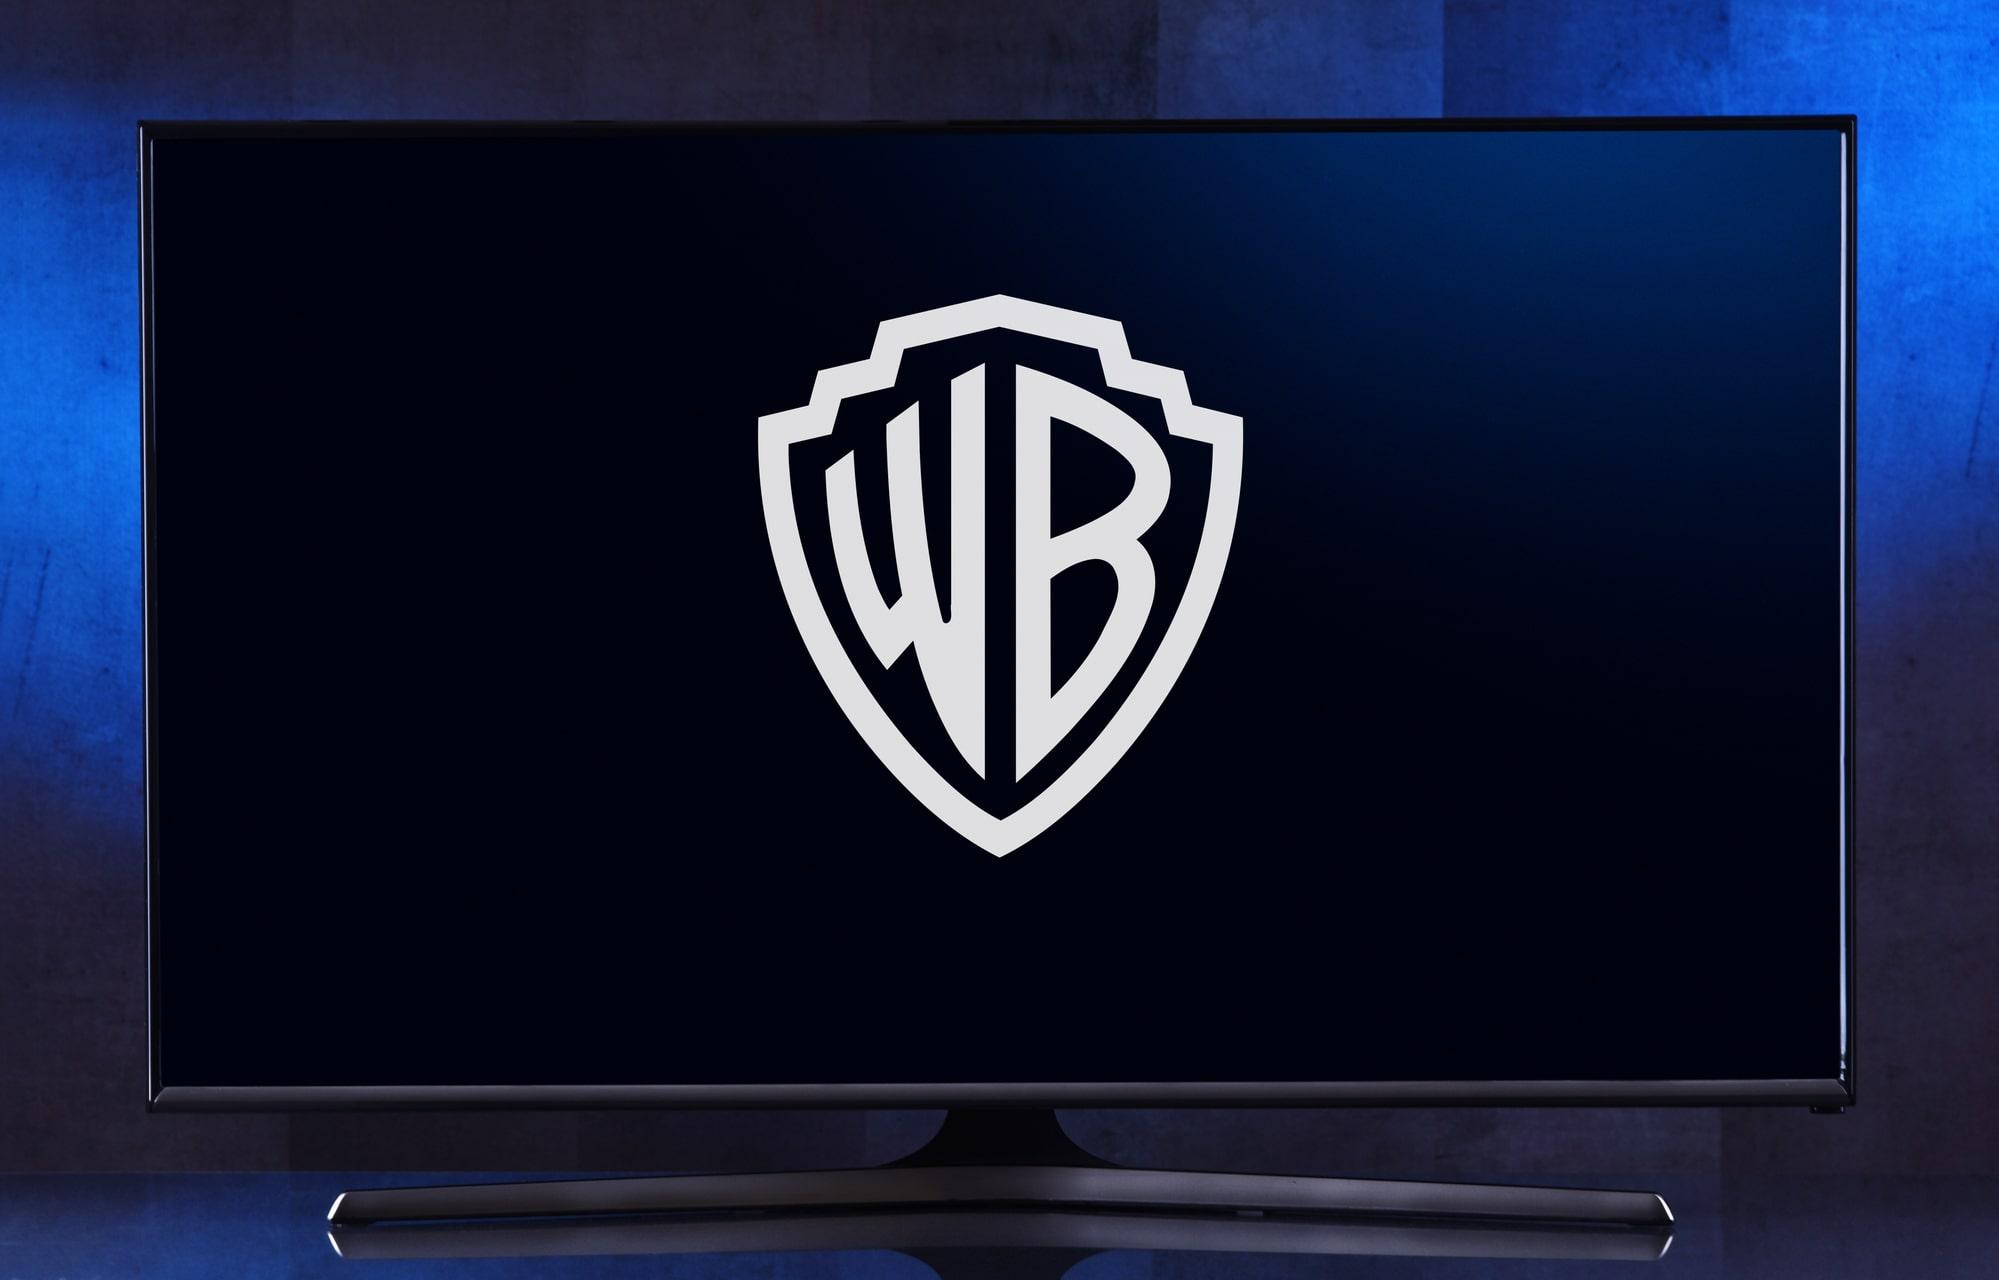 Вышел фильм «Локдаун» с новым логотипом Warner Bros.